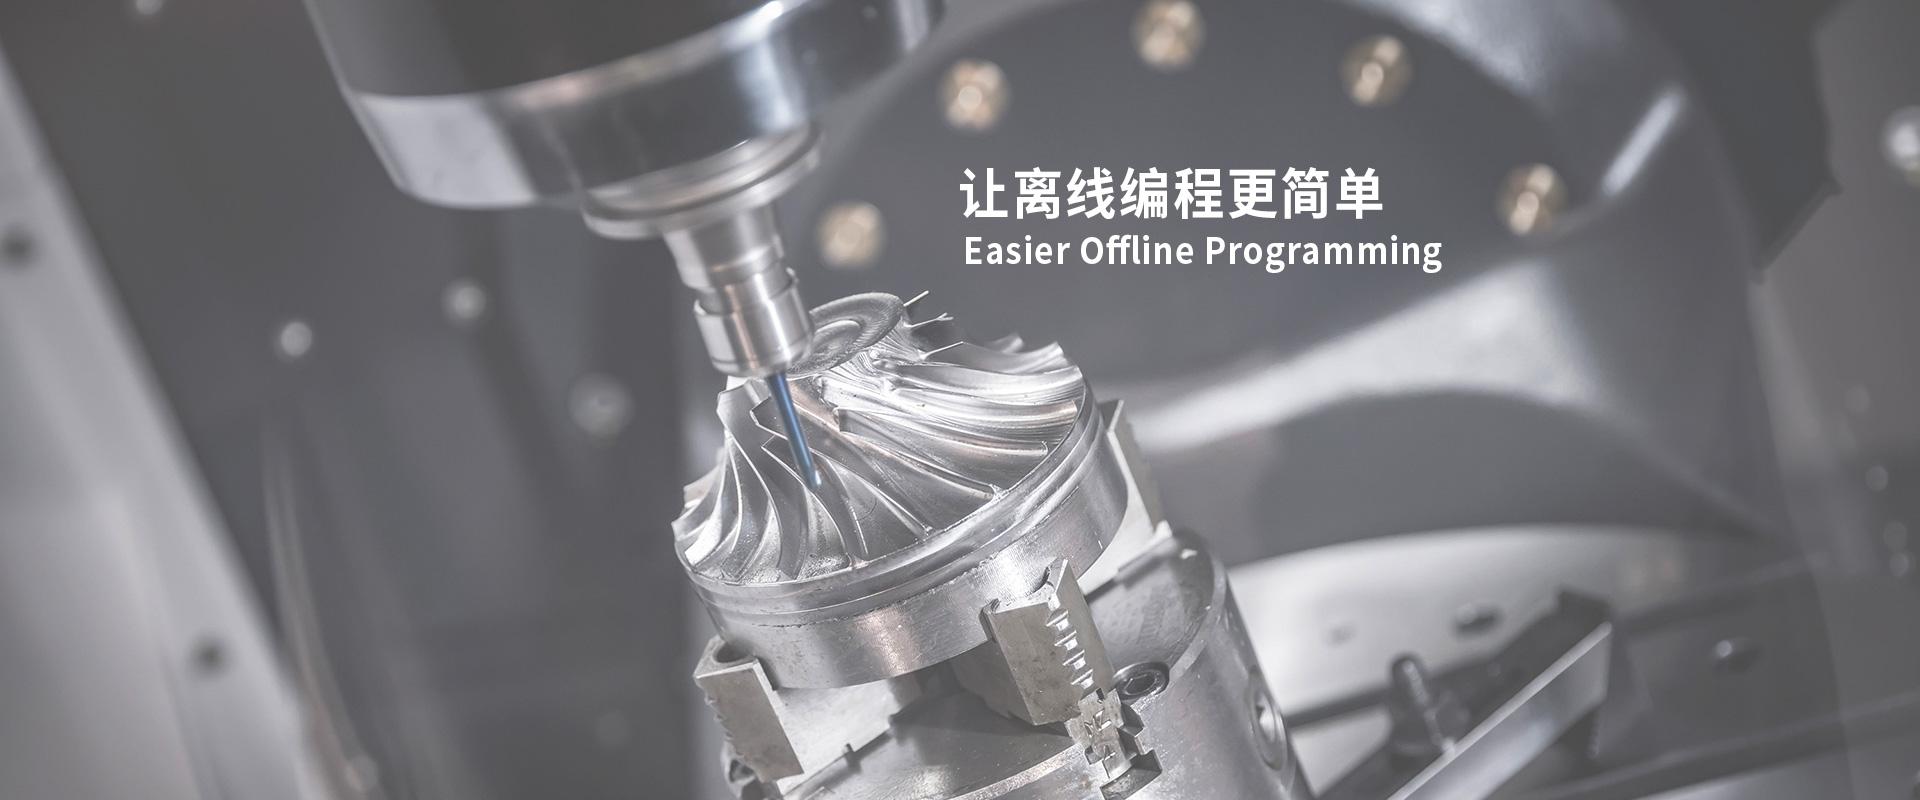 司普禄软件科技(昆山)有限公司